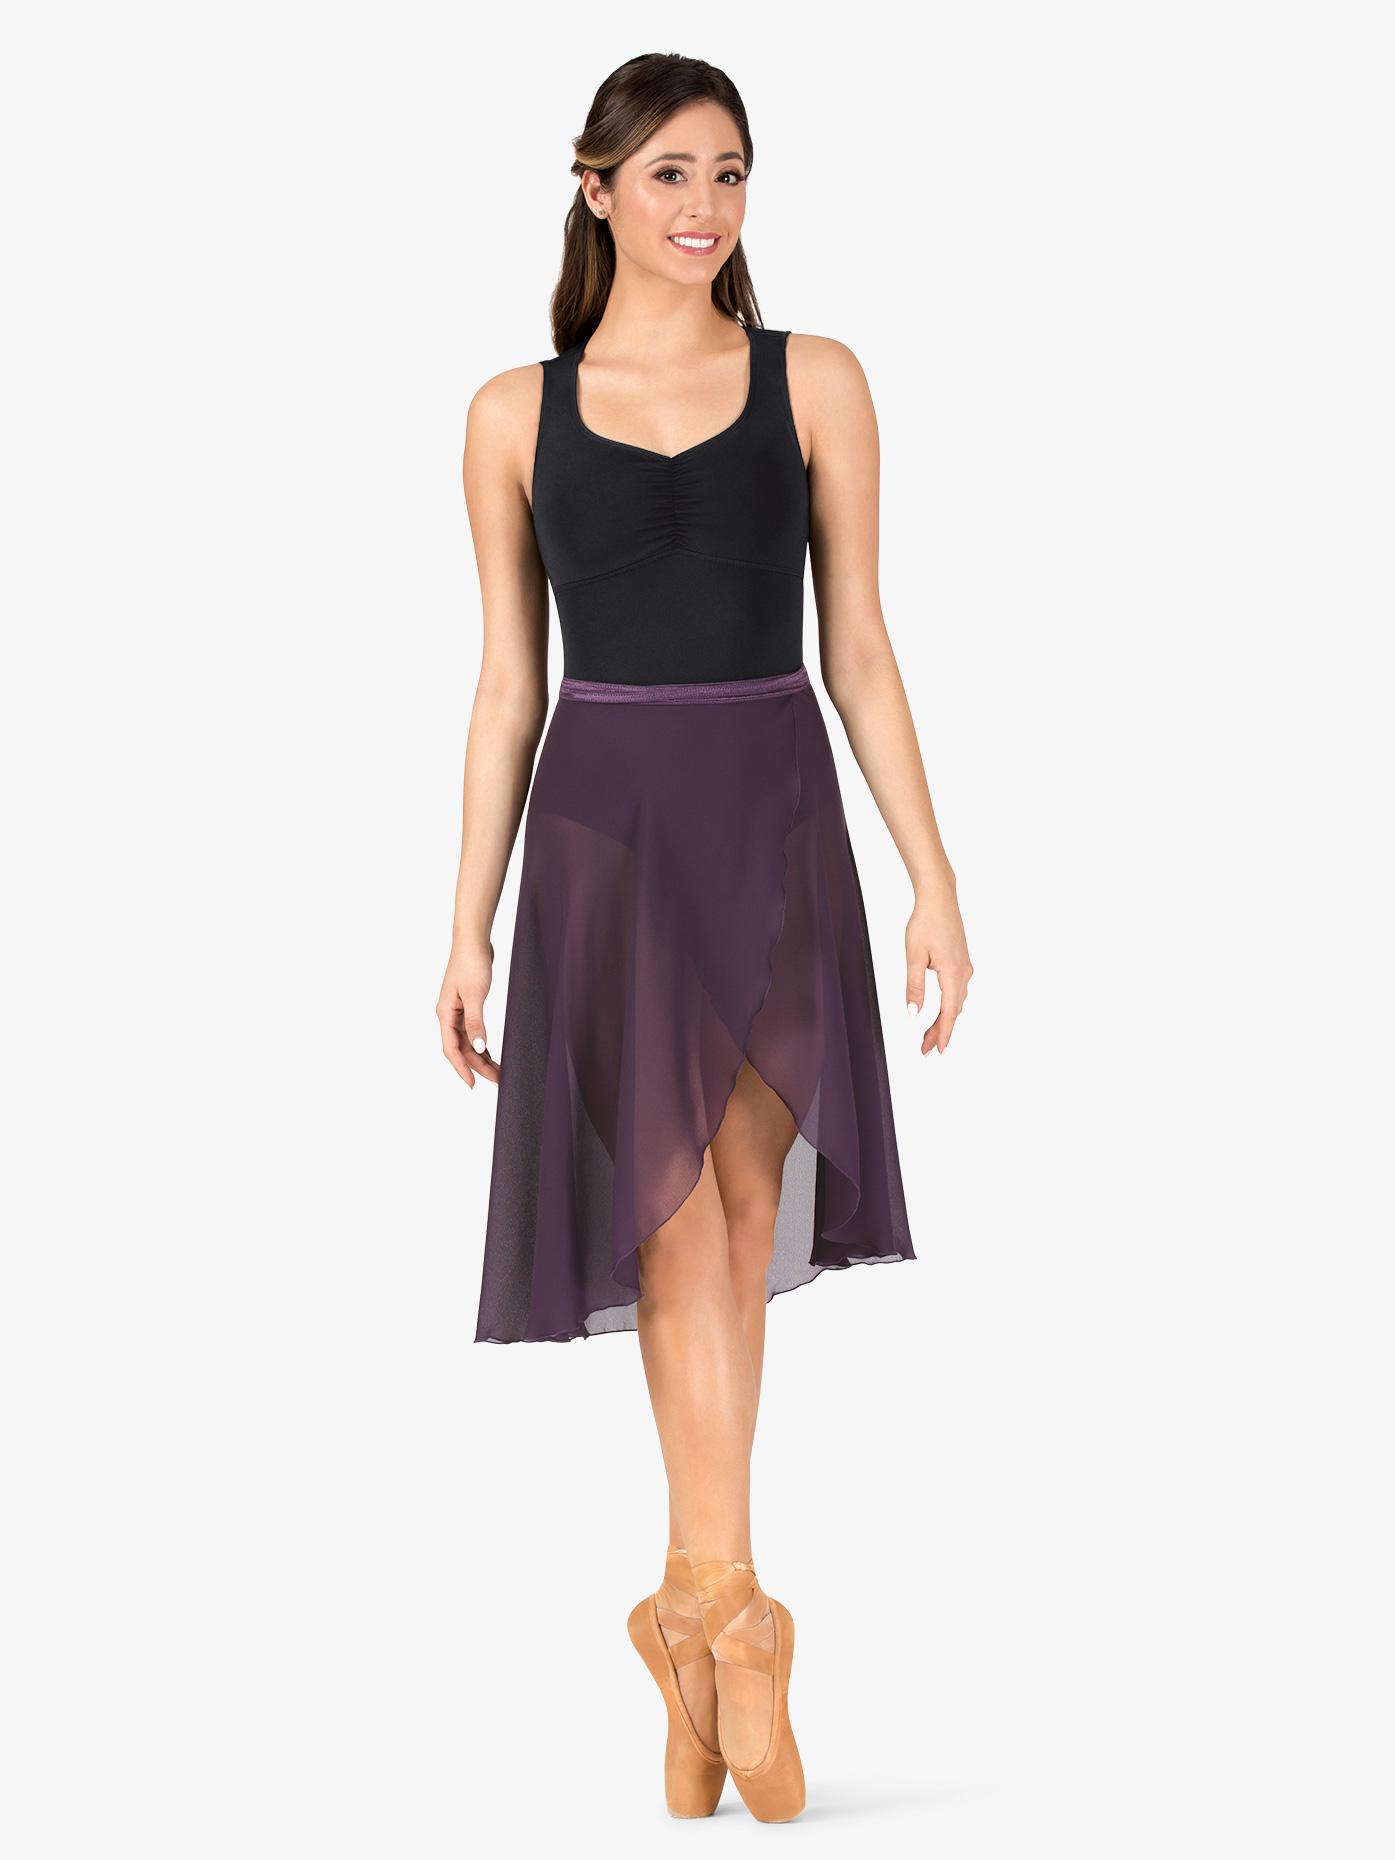 Natalie Womens Long Sheer Ballet Wrap Skirt P69L